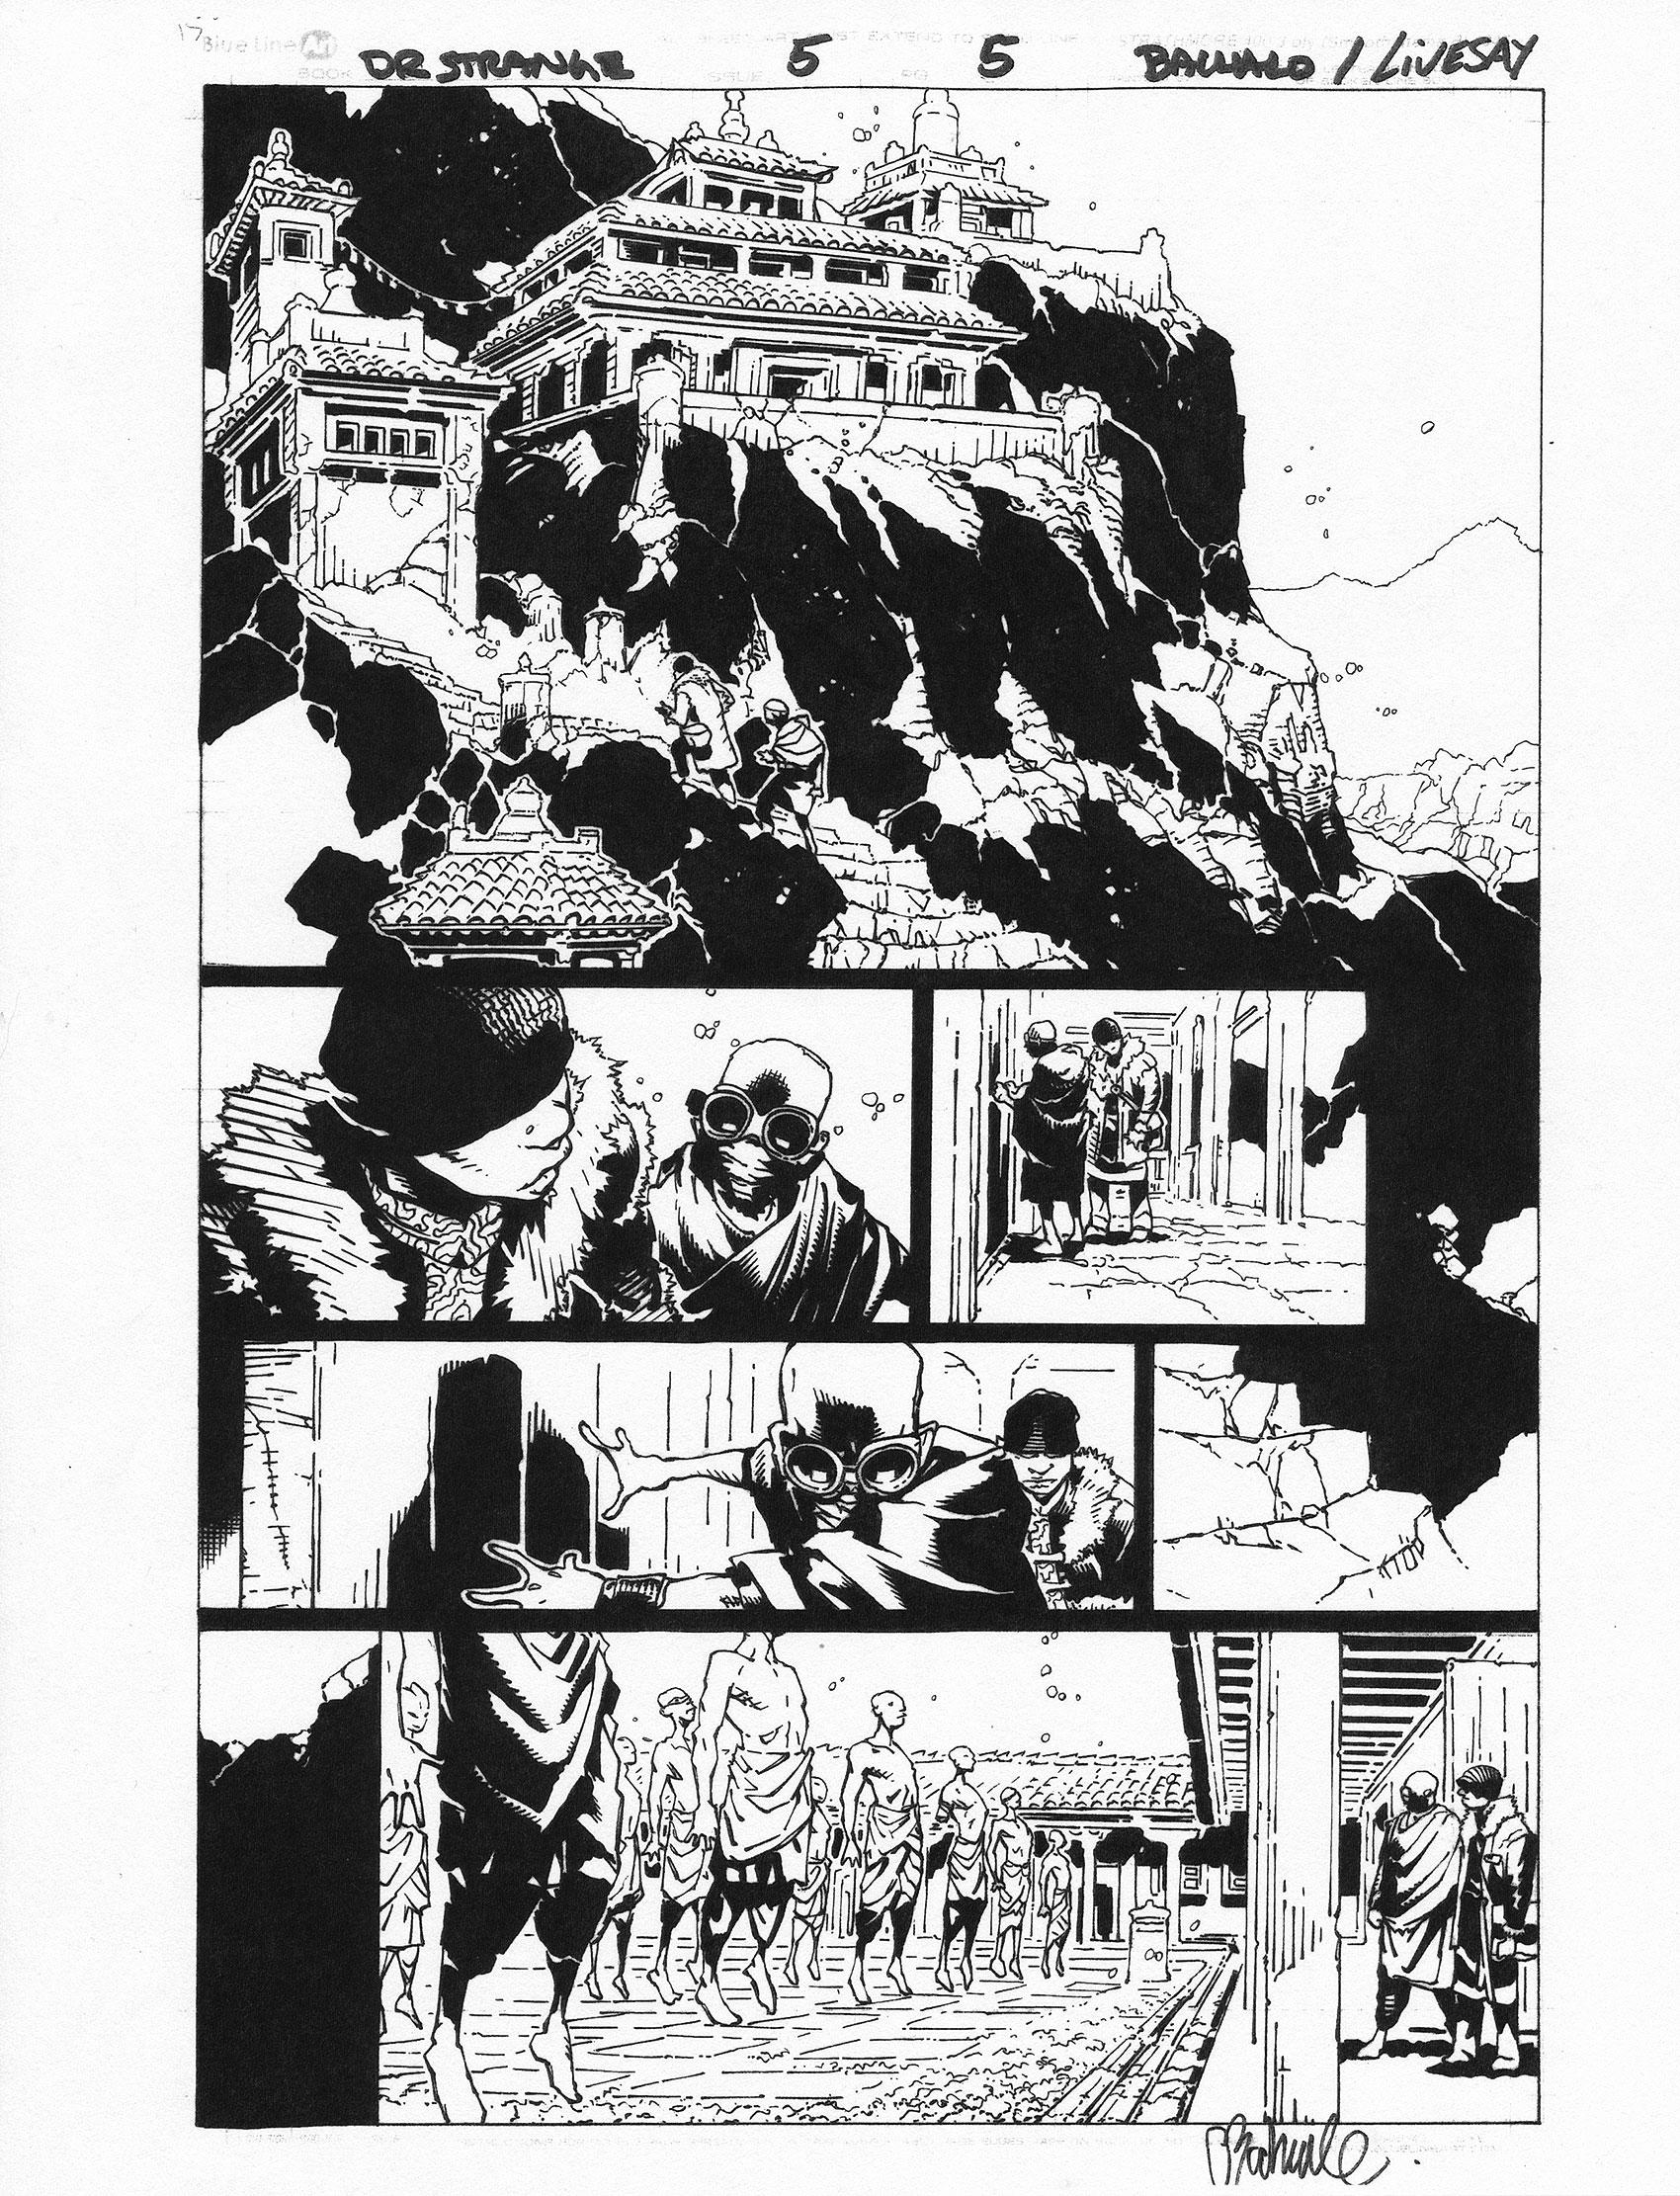 CHRIS BACHALO 2015 DR. STRANGE #5 P.5 Comic Art